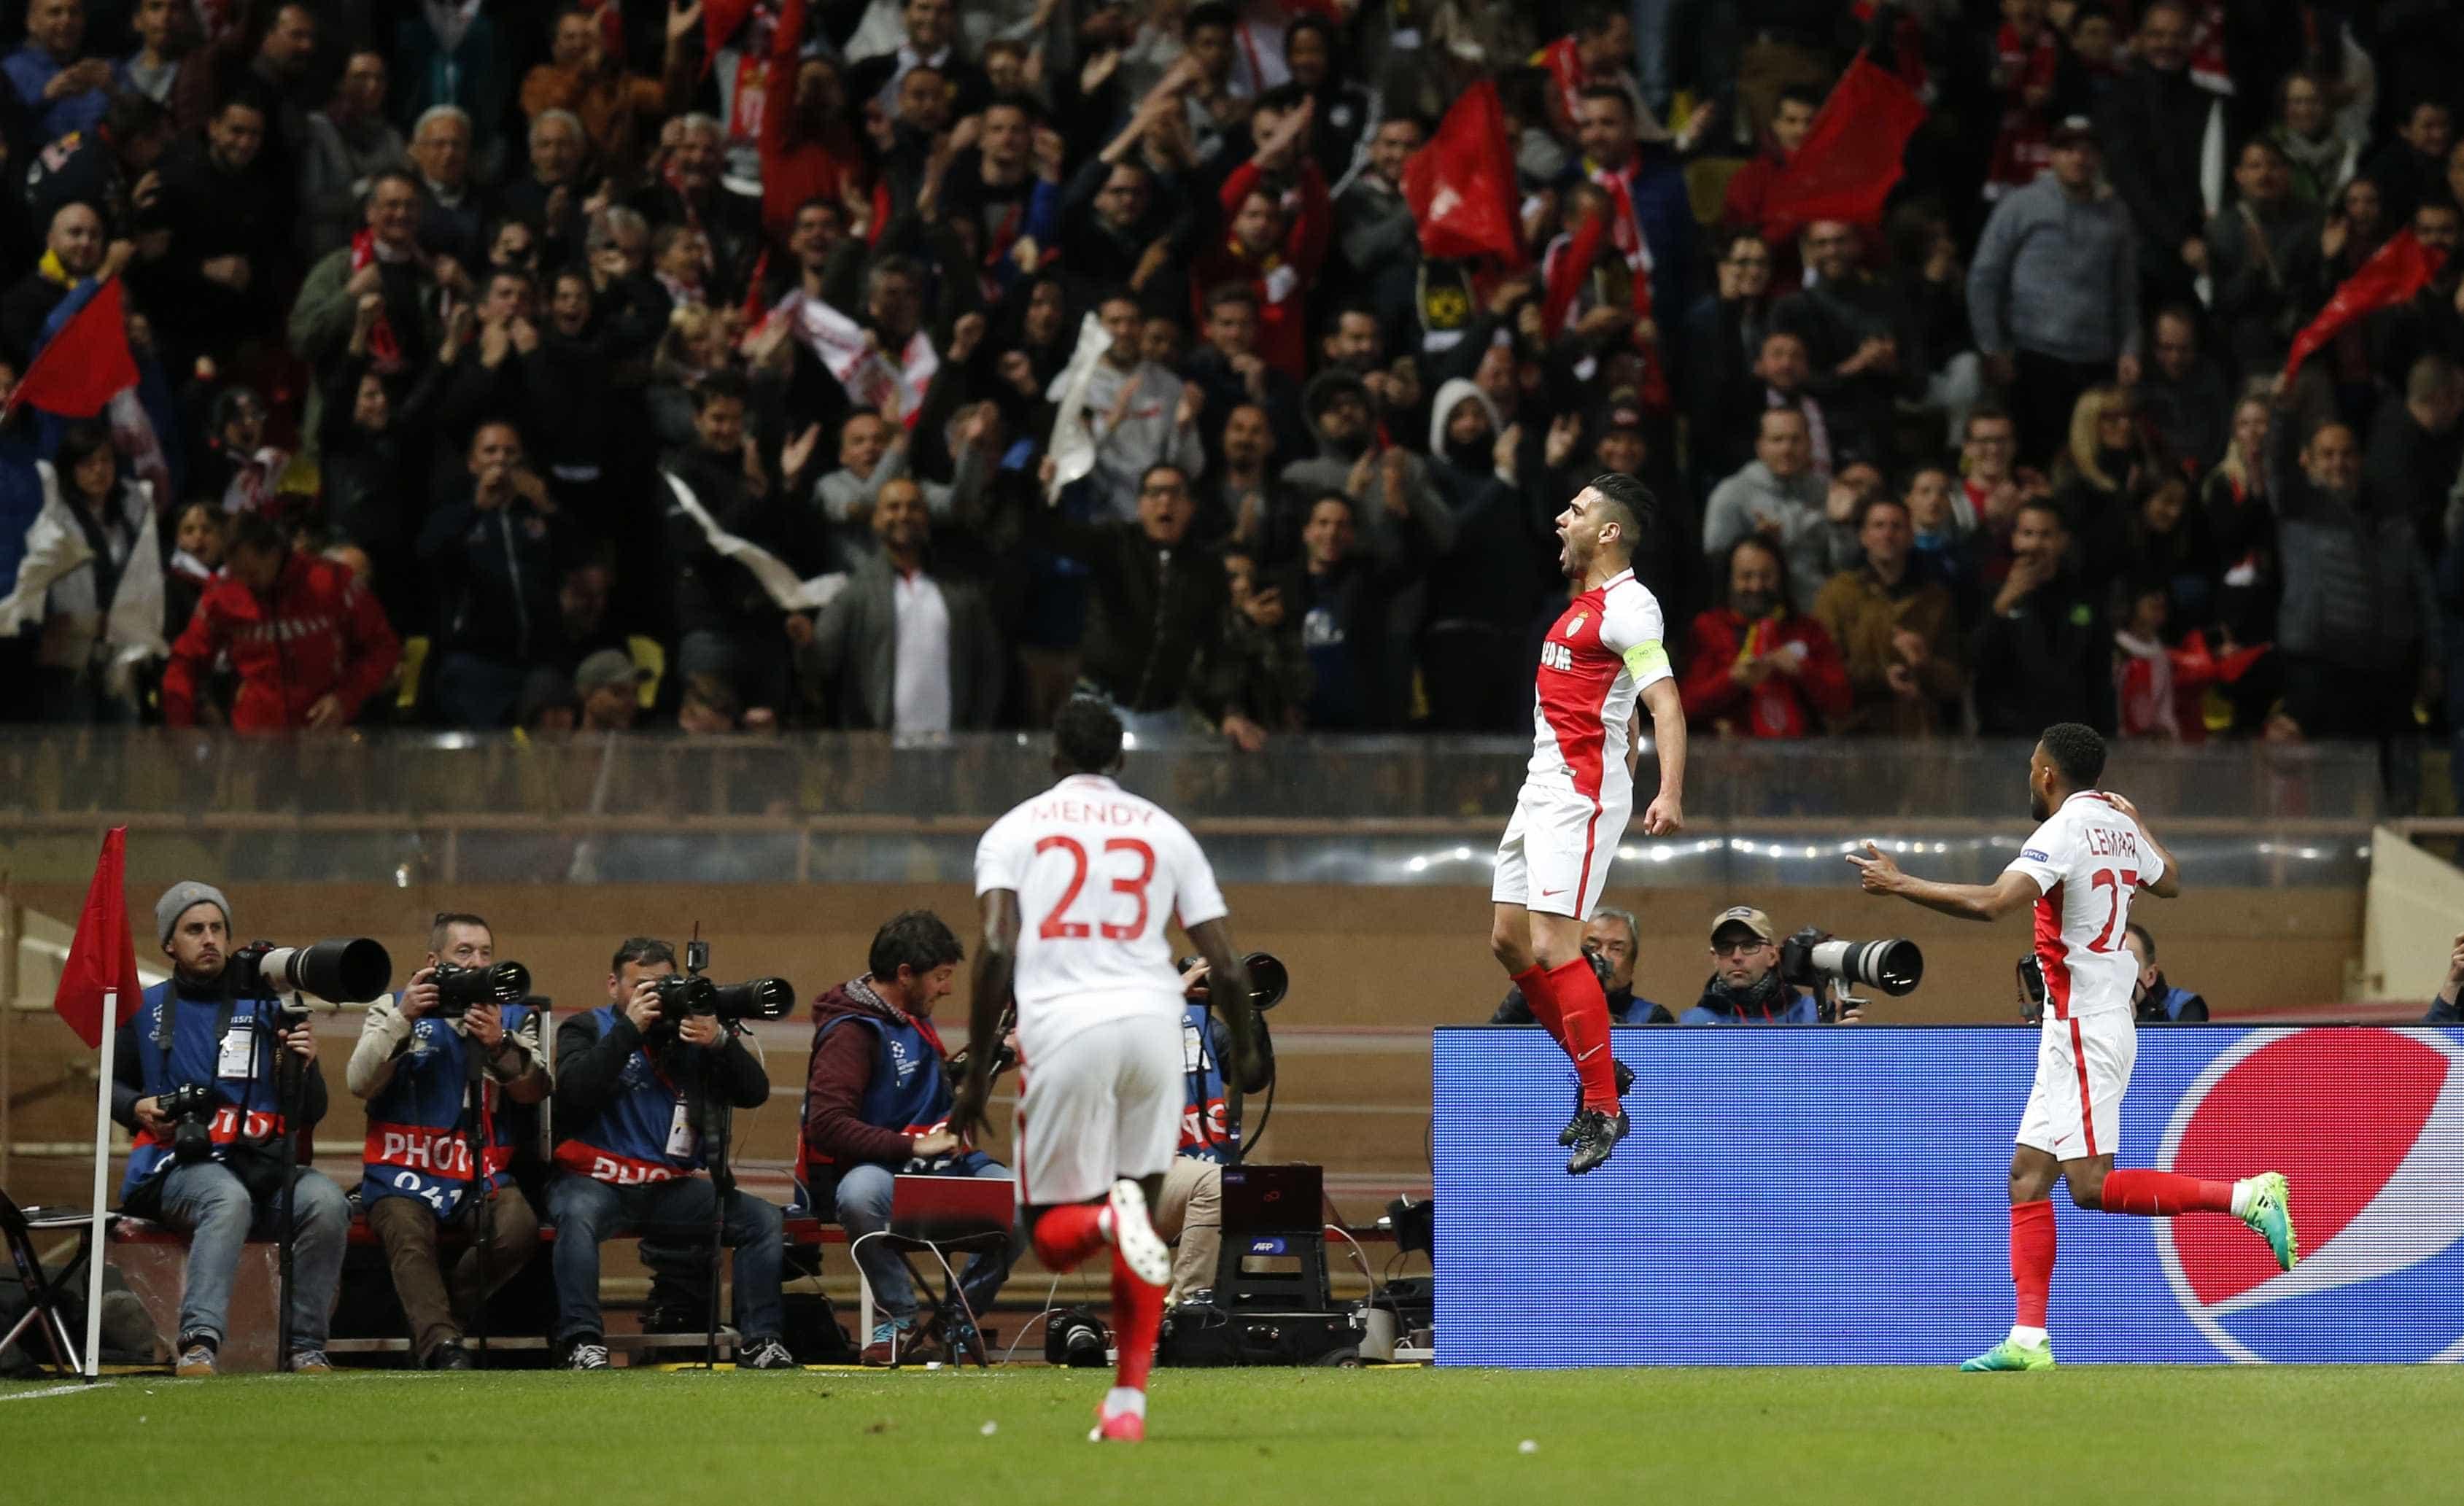 Monaco atropela Borussia de novo e volta à semi após 13 anos